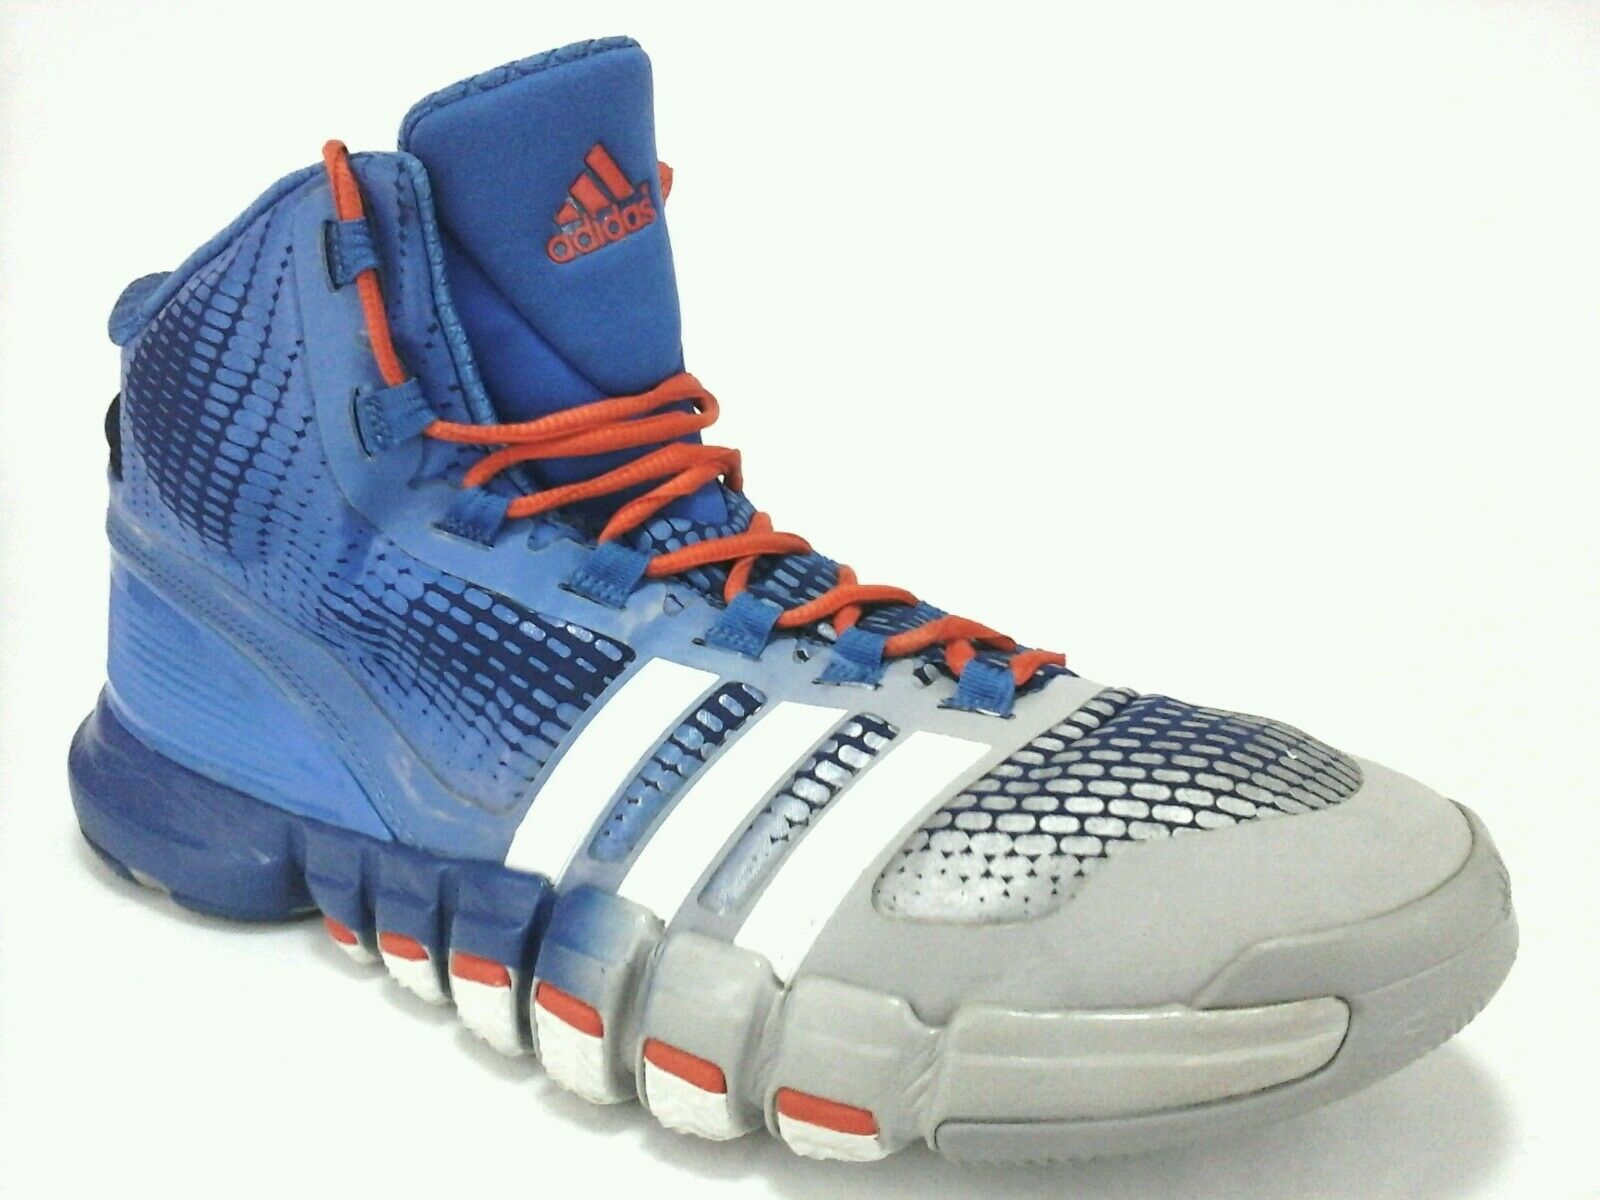 Adidas adipure Uomo blu crazyquick scarpe da basket blu Uomo noi 14 c6a1c4